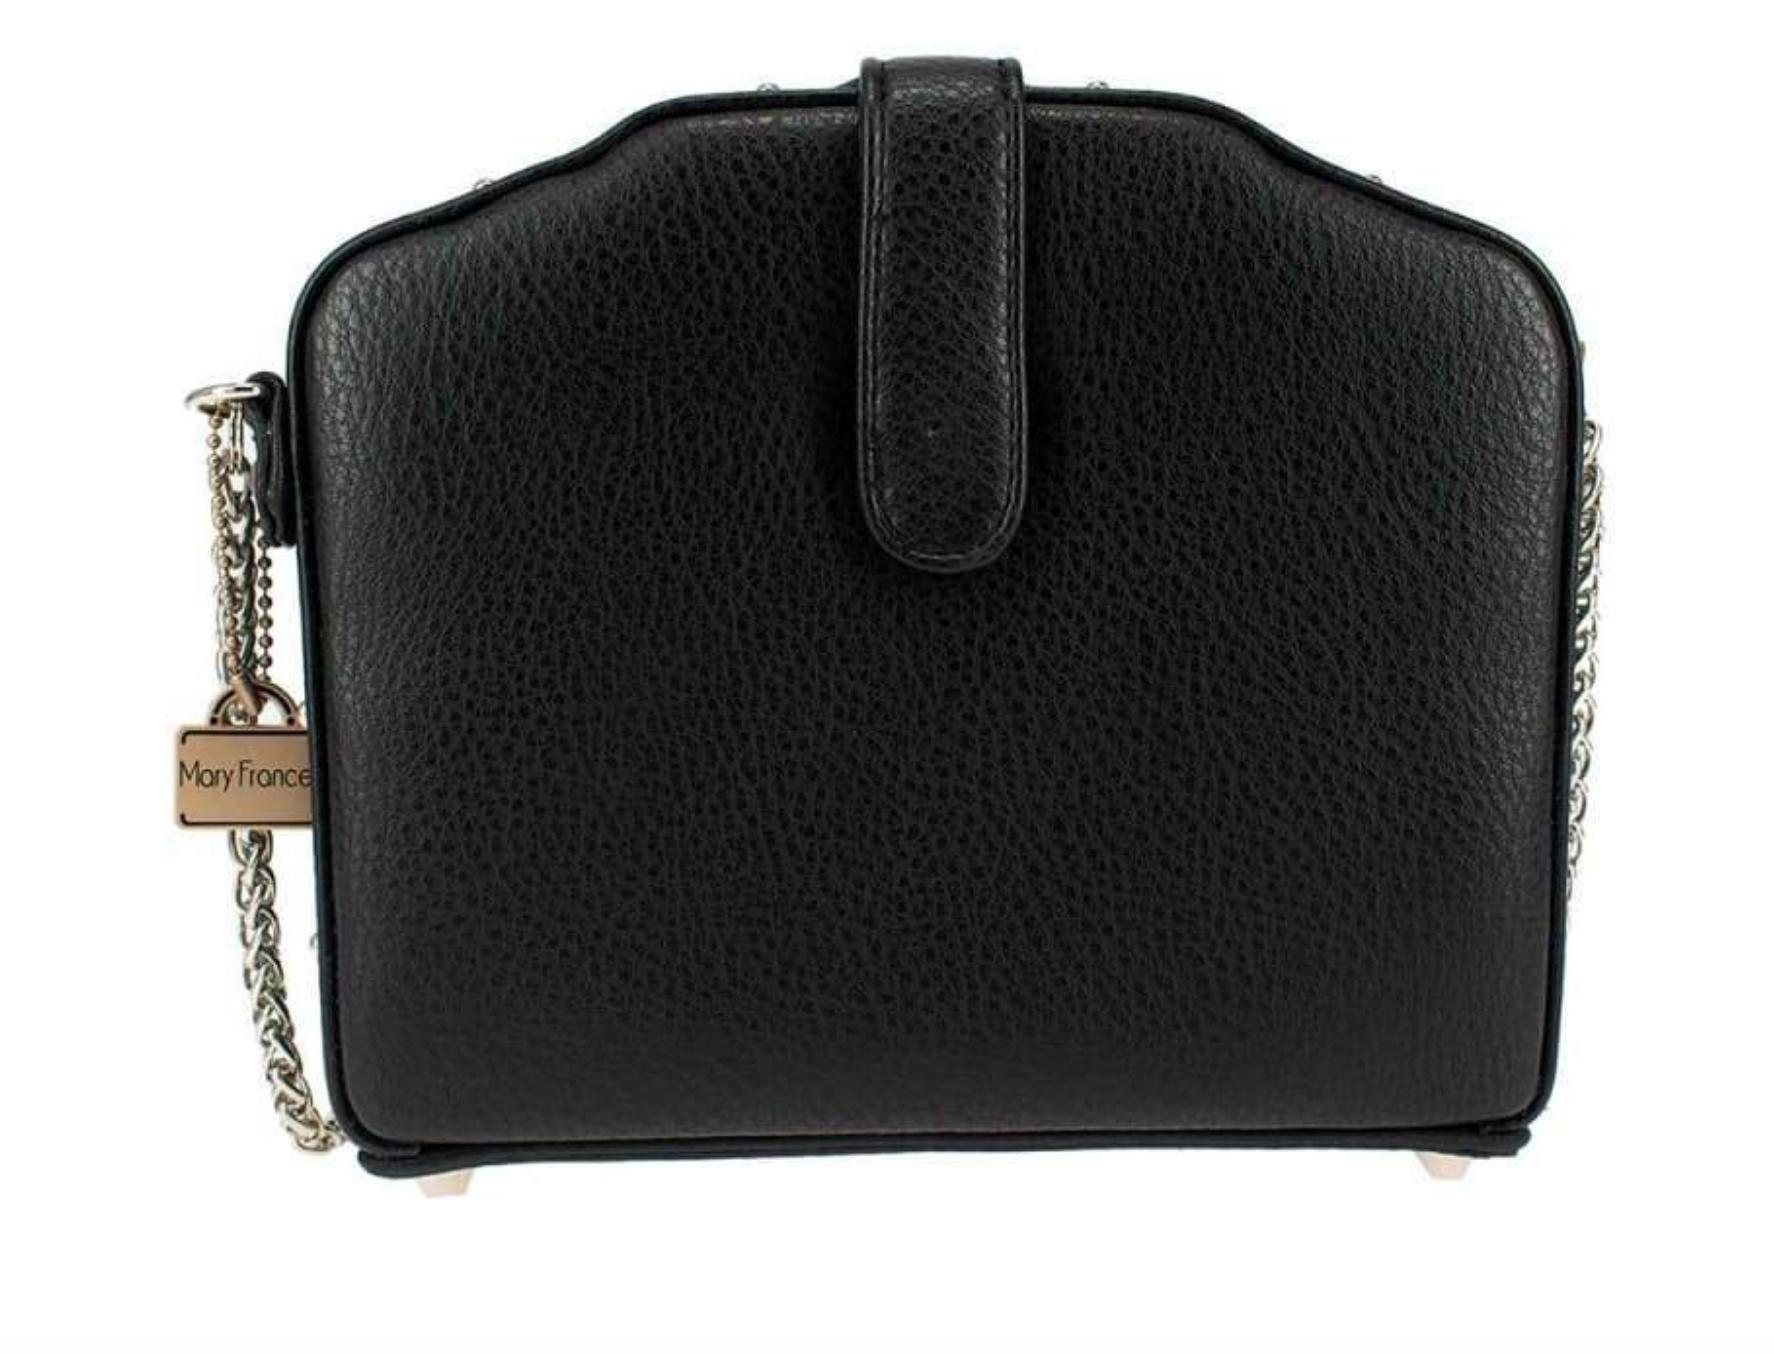 Mary Frances Mary Frances - Route 66 Handbag